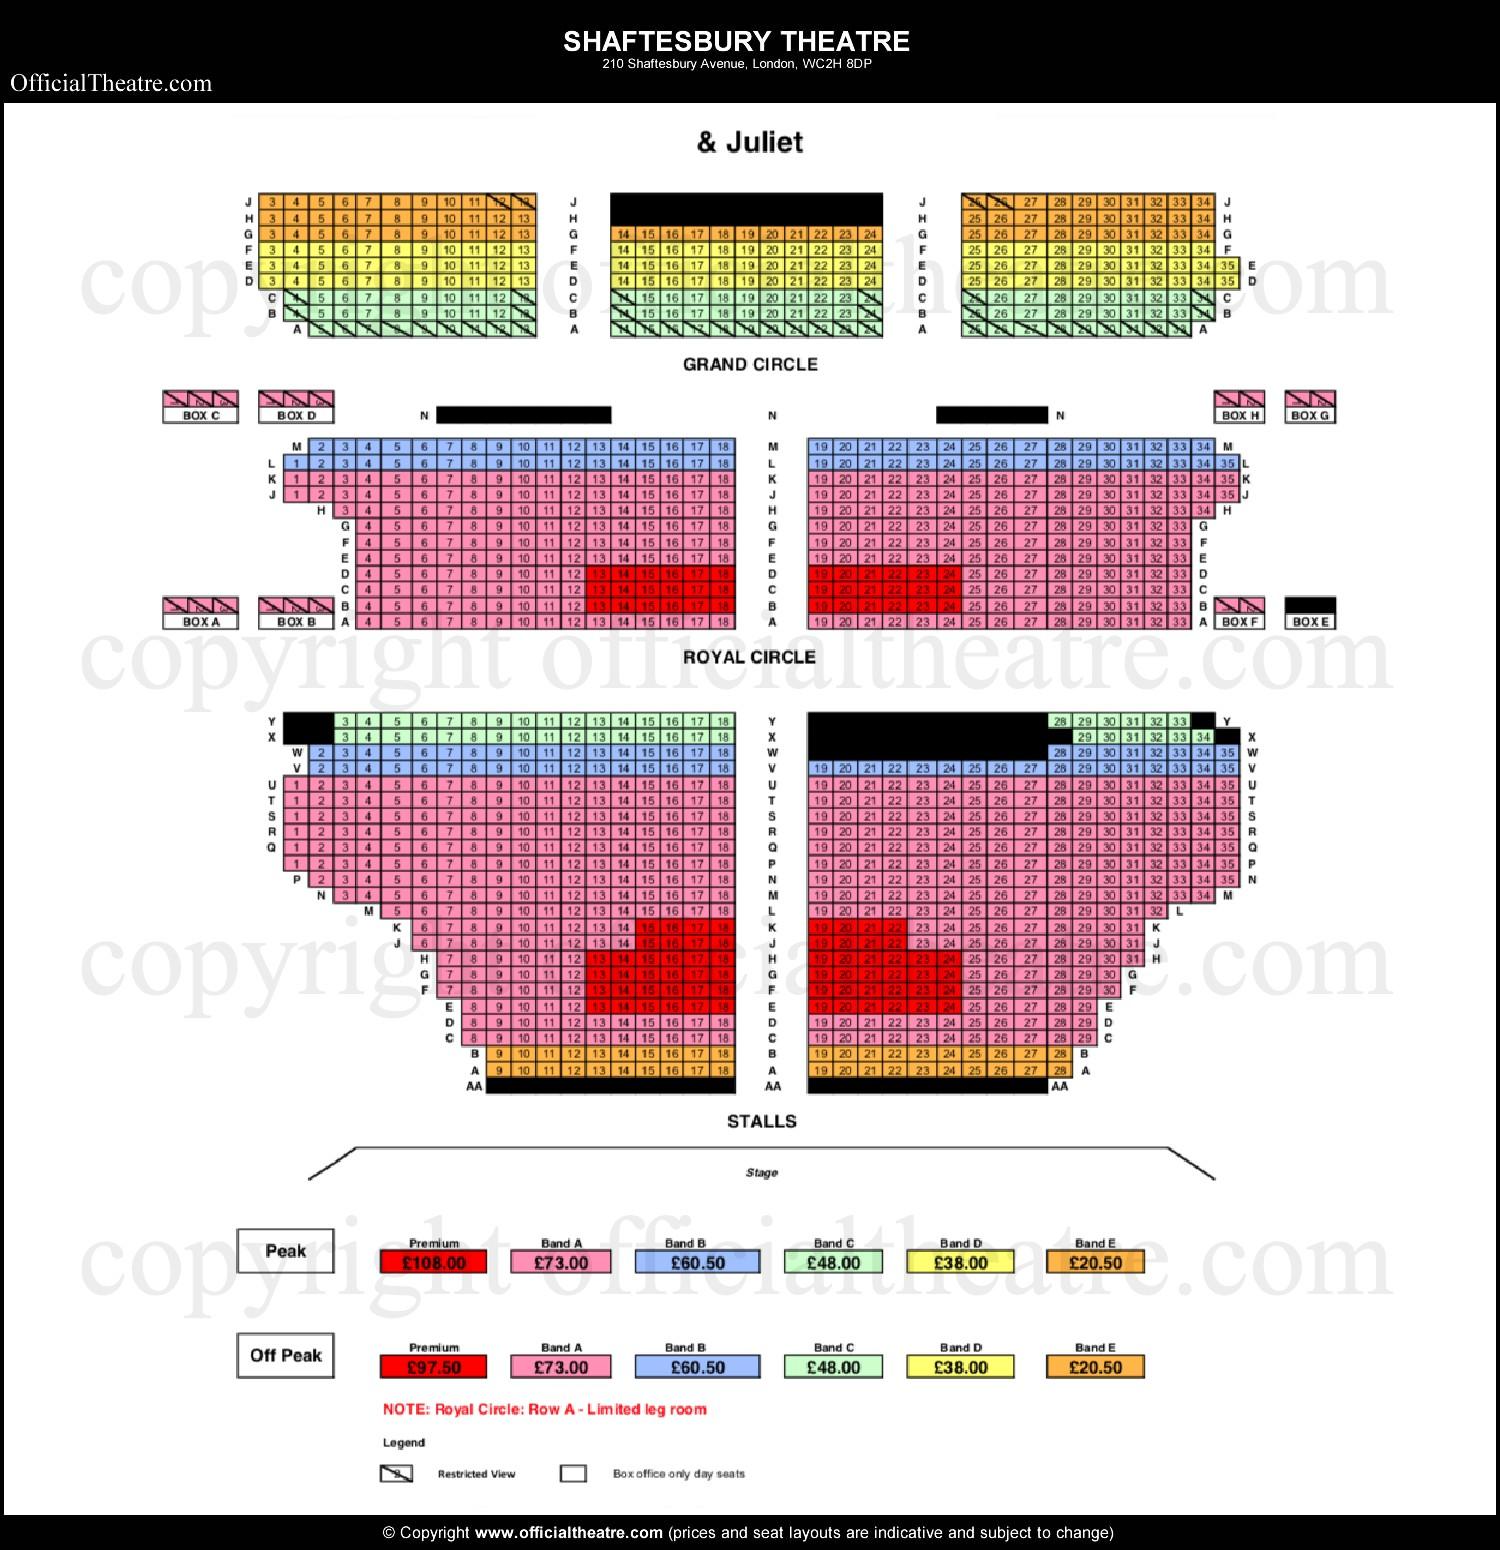 Shaftesbury-Theatre-seat-prices-Juliet